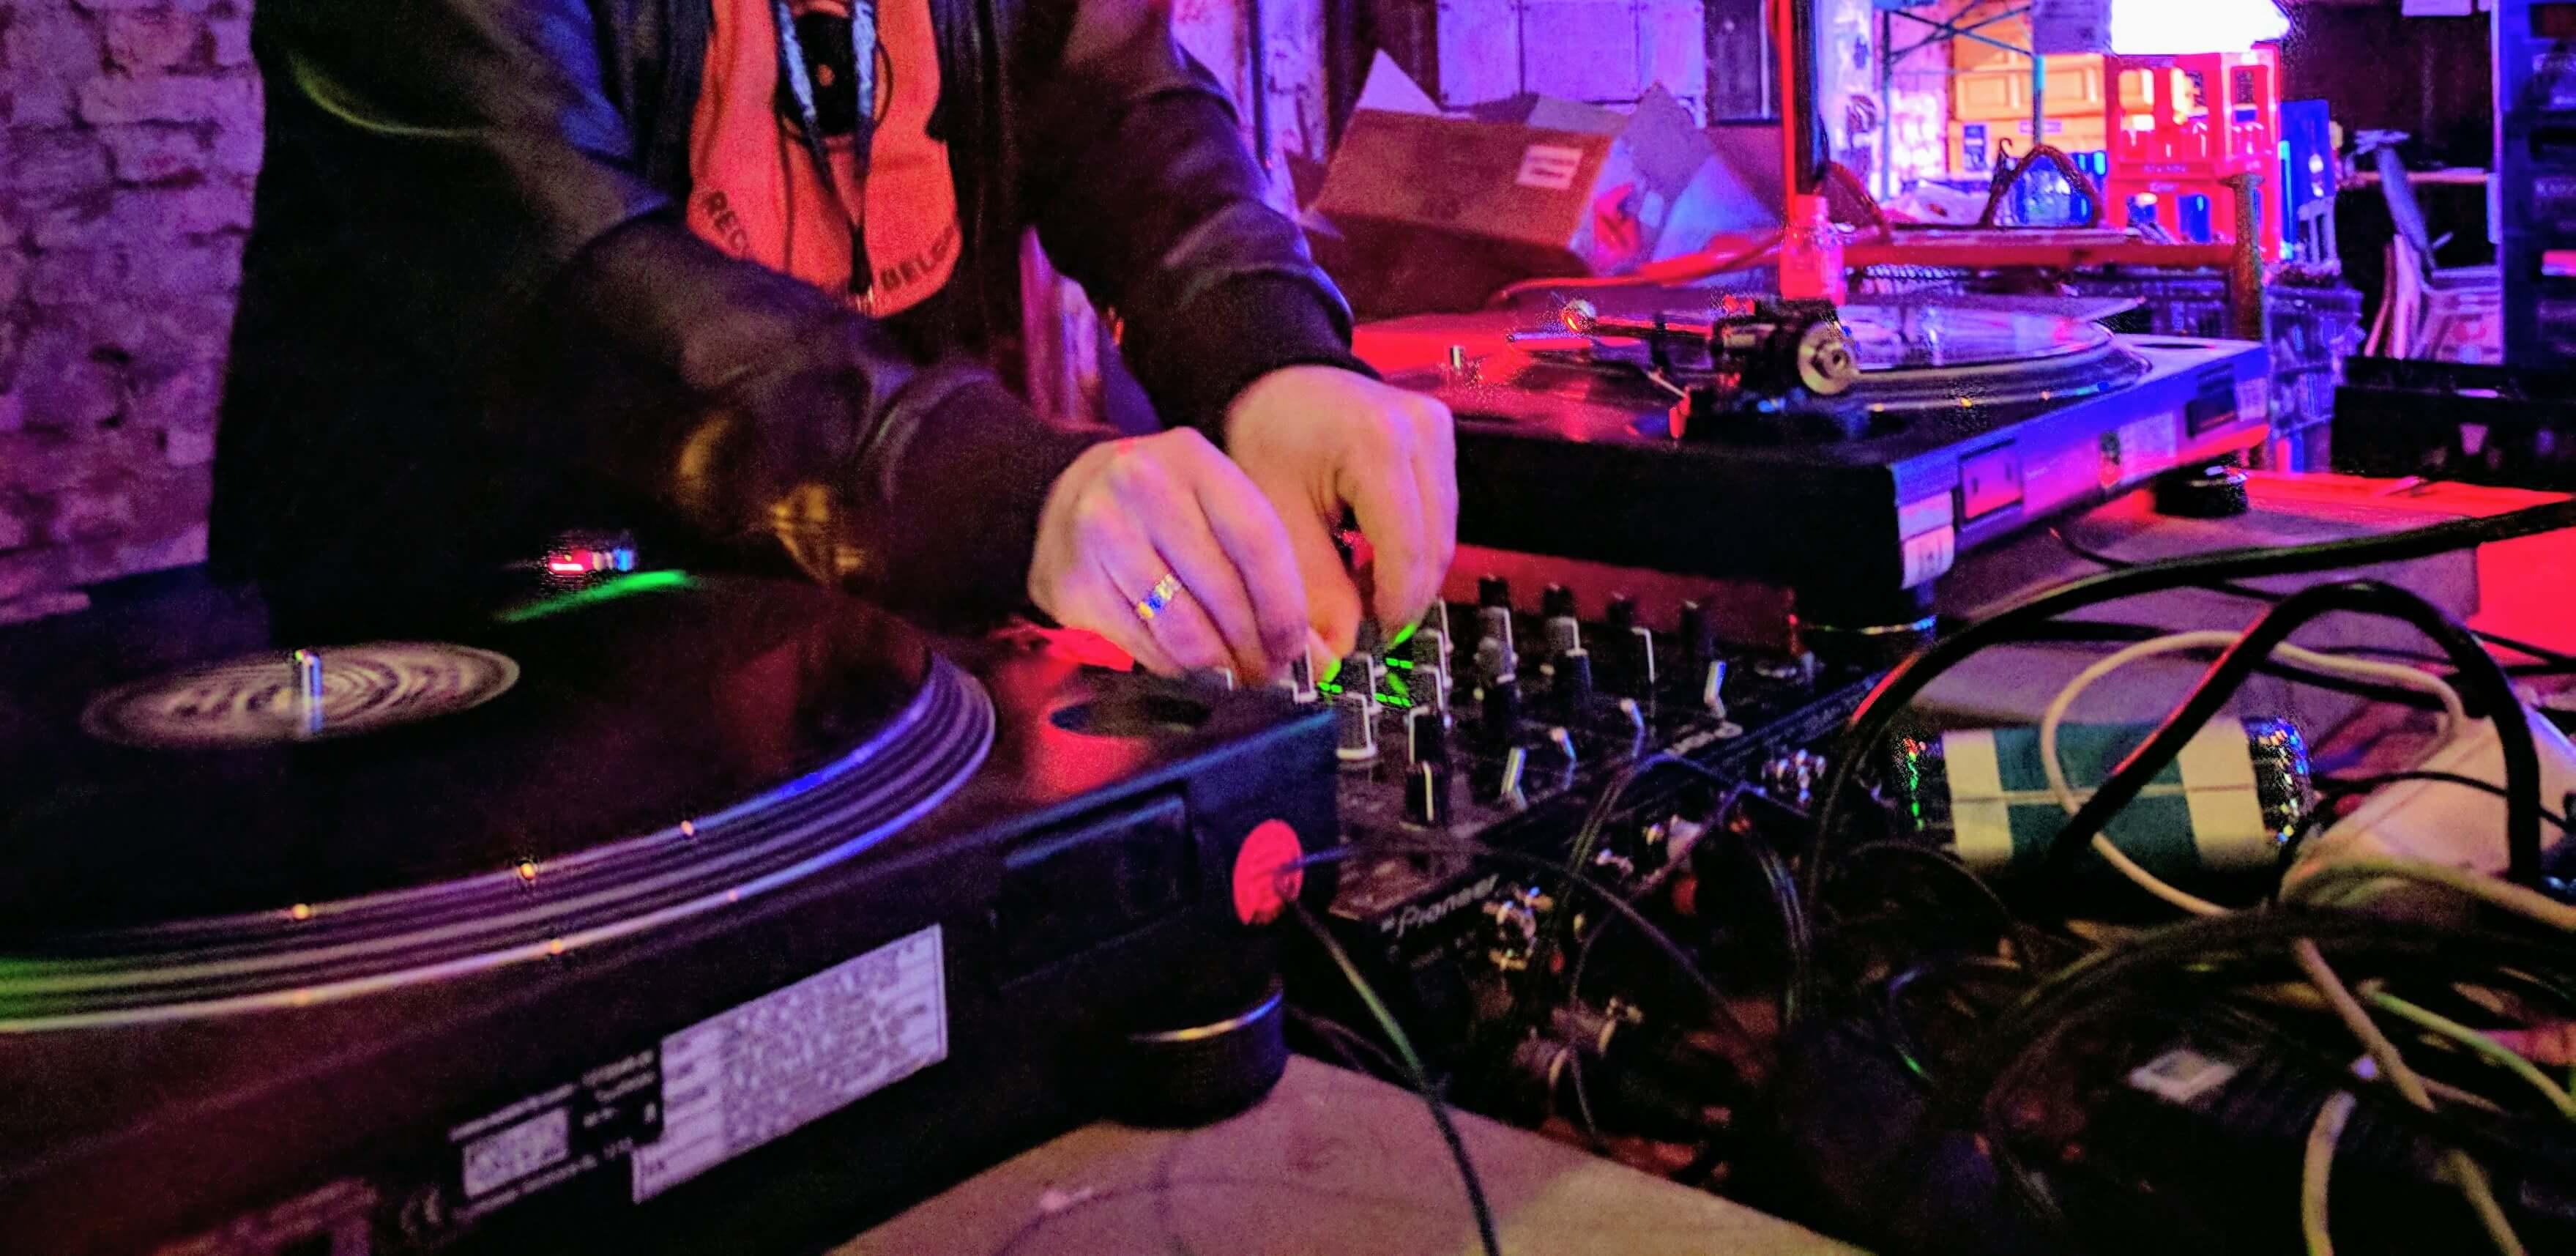 Quelle Marque De Platine Vinyle Choisir meilleure table de mixage dj : comparatif & avis en 2020